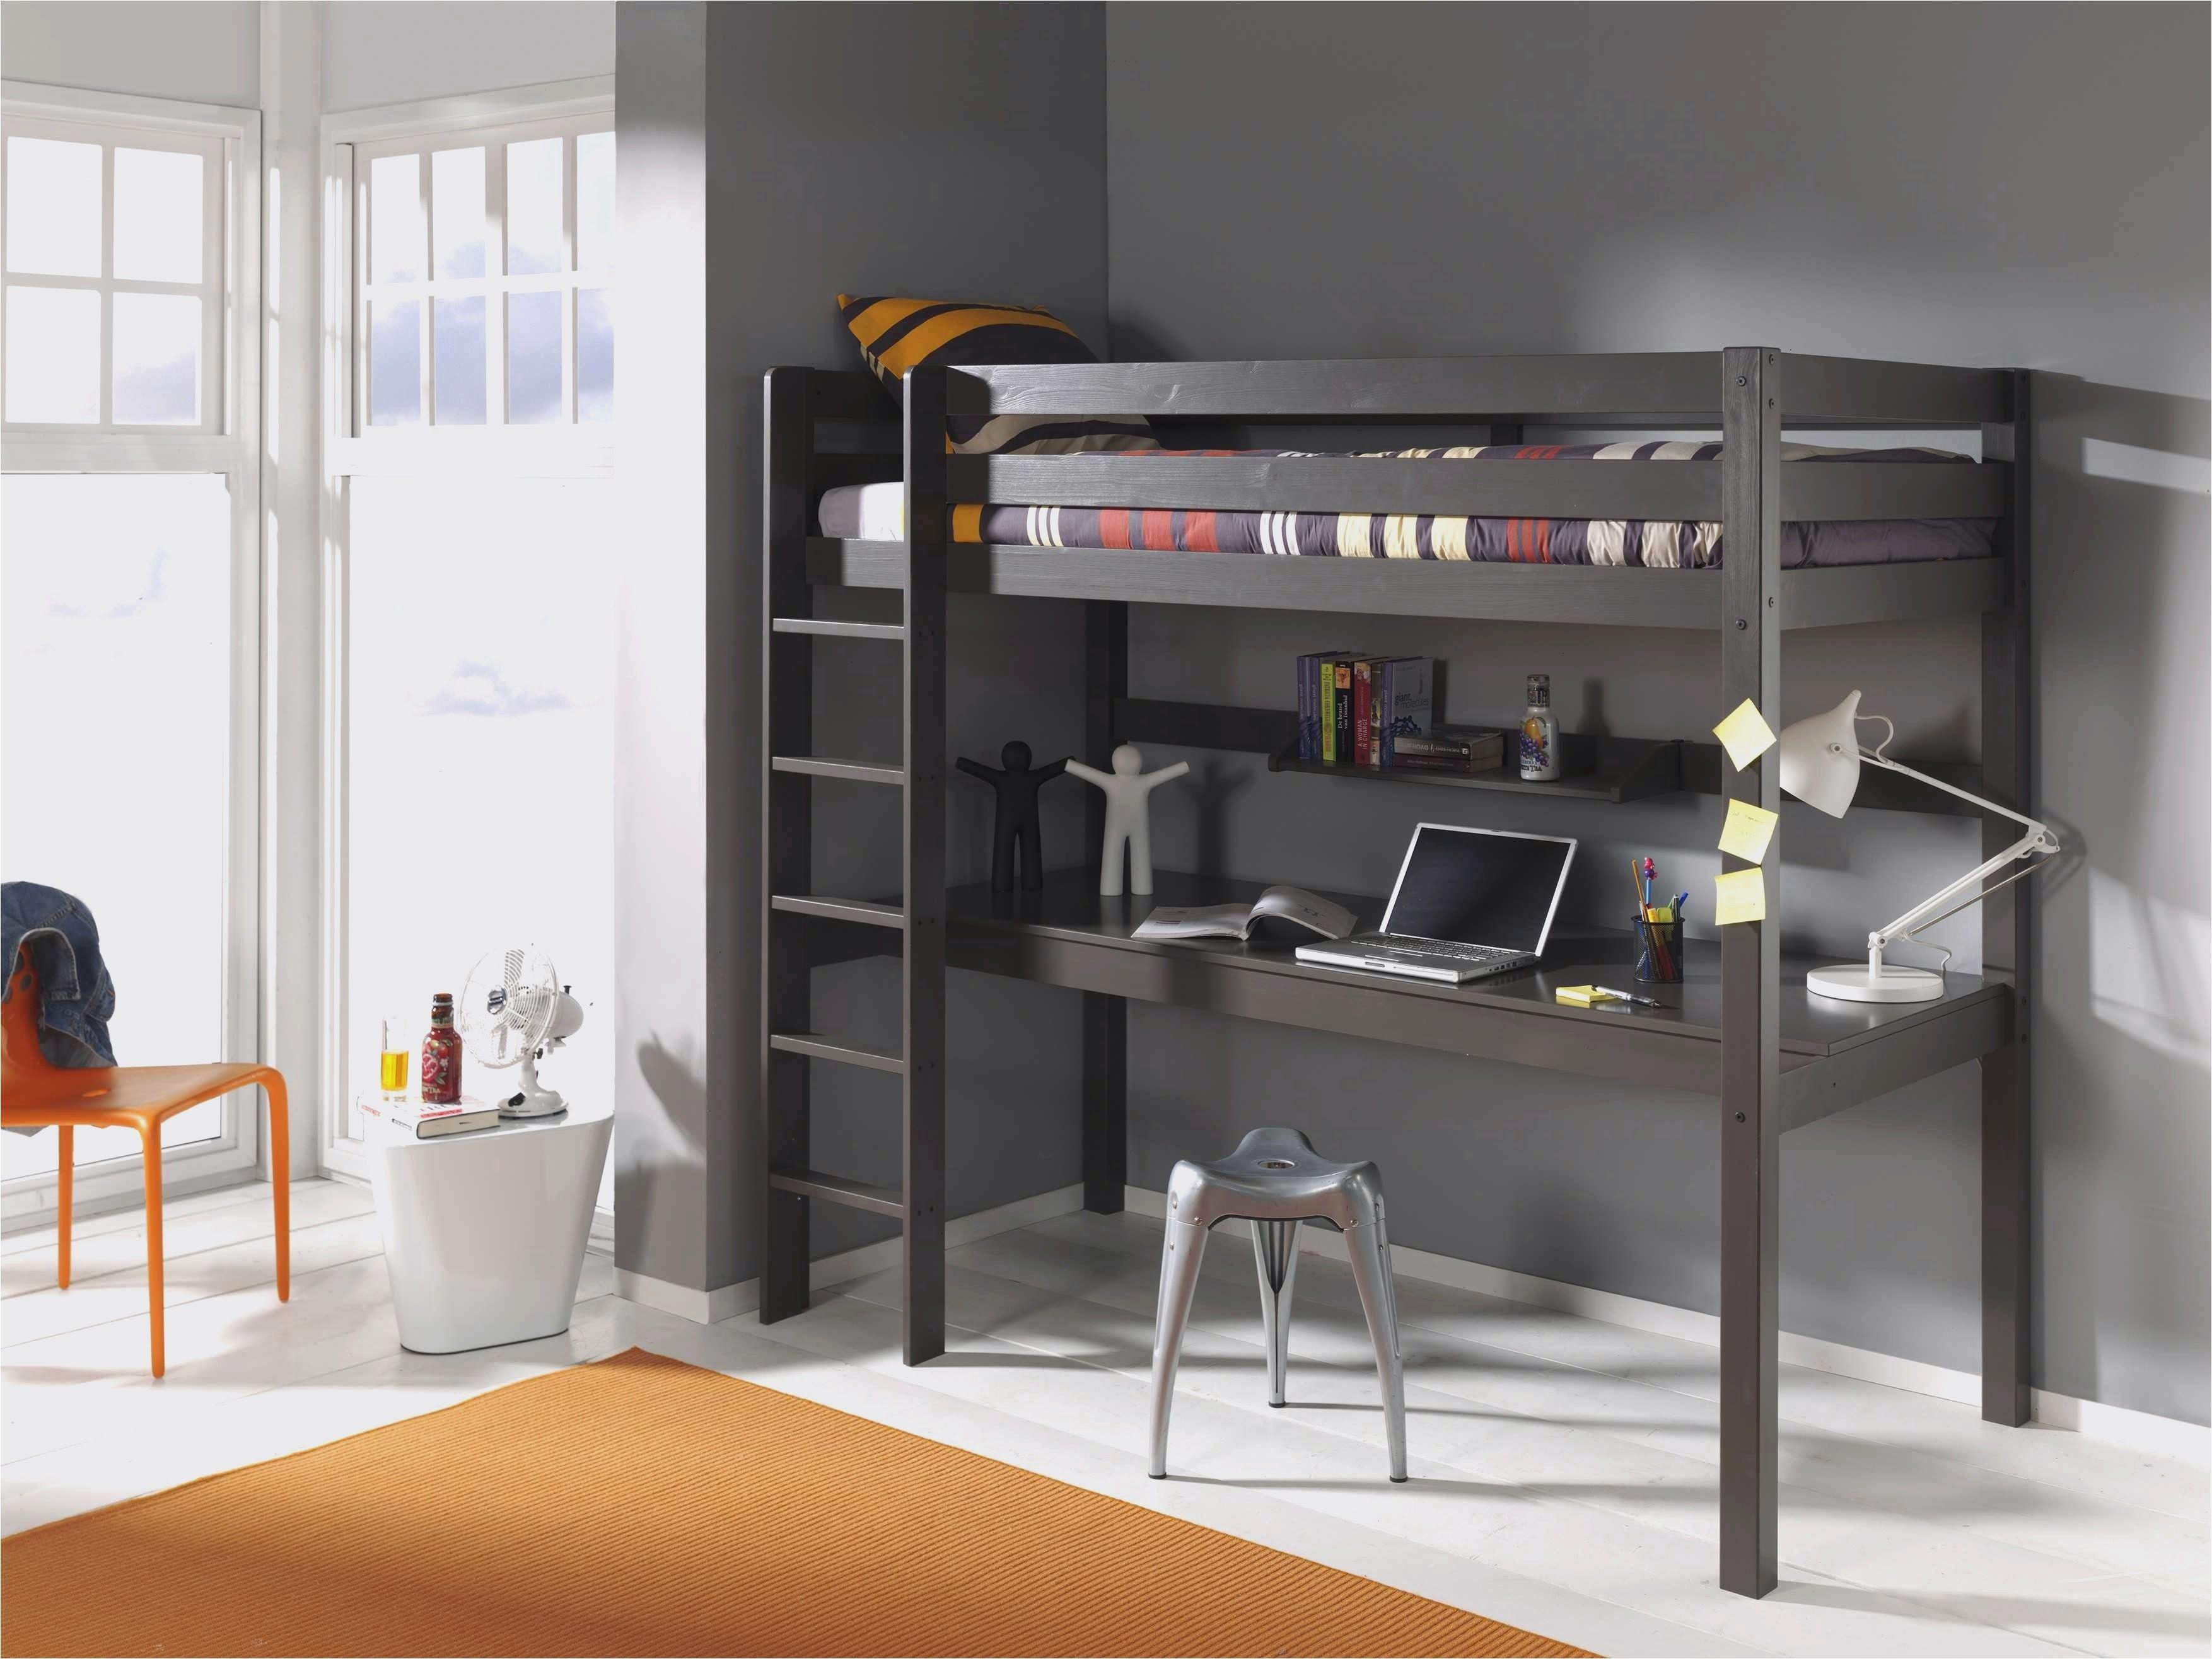 Lit Mezzanine Avec Bureau Pas Cher Fraîche Les 17 Unique Lit Enfant Mezzanine Avec Bureau S Les Idées De